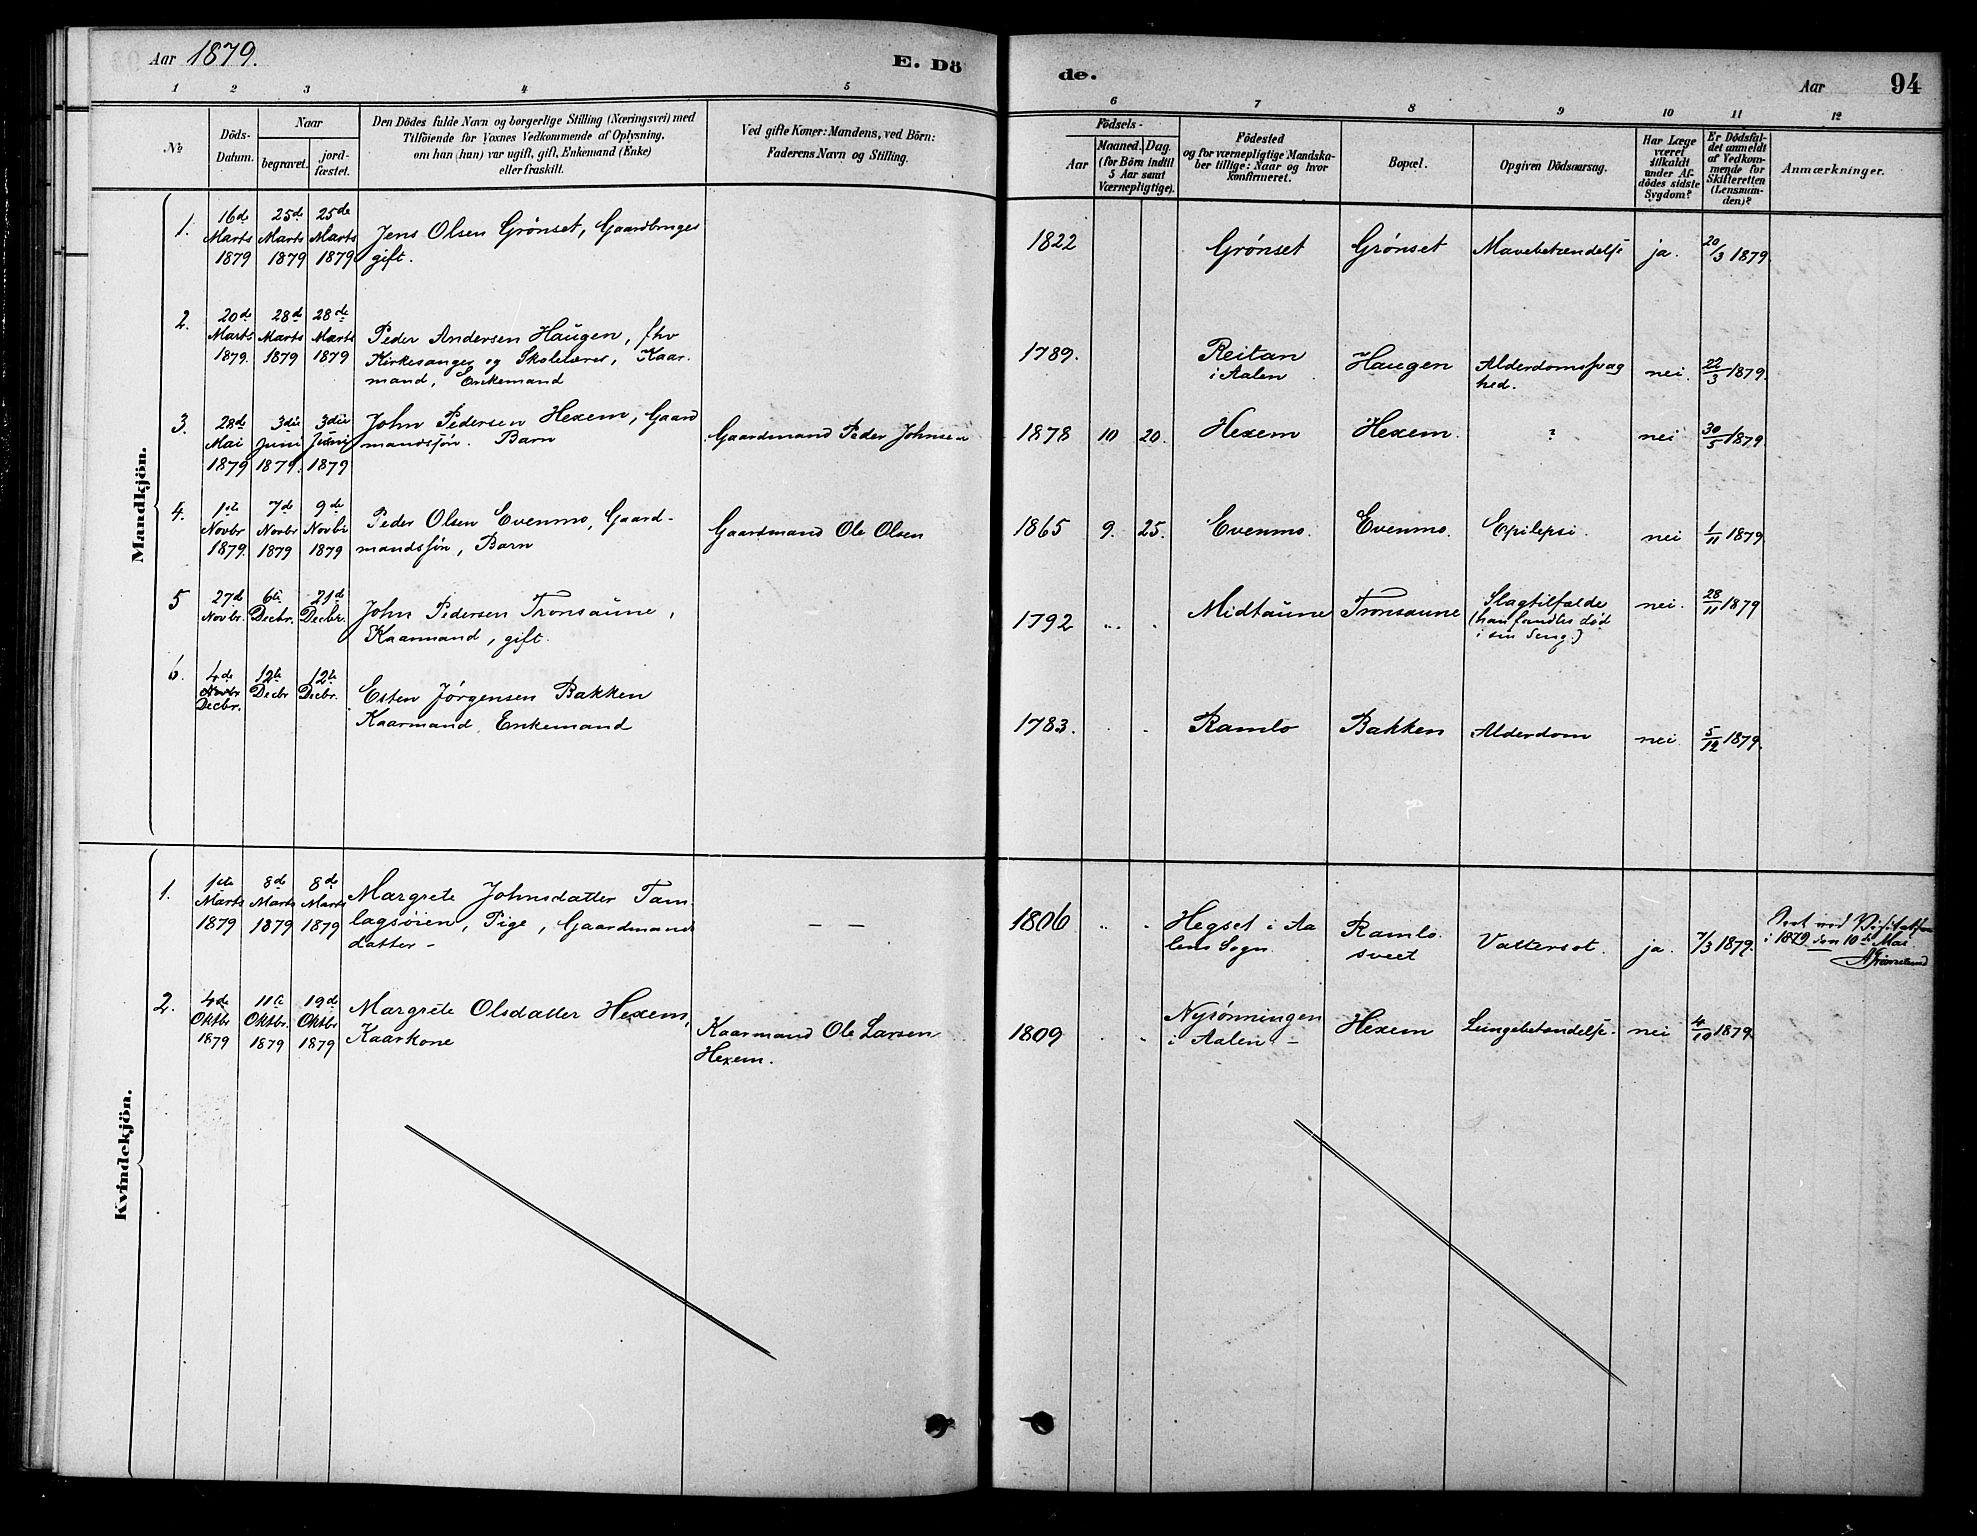 SAT, Ministerialprotokoller, klokkerbøker og fødselsregistre - Sør-Trøndelag, 685/L0972: Ministerialbok nr. 685A09, 1879-1890, s. 94